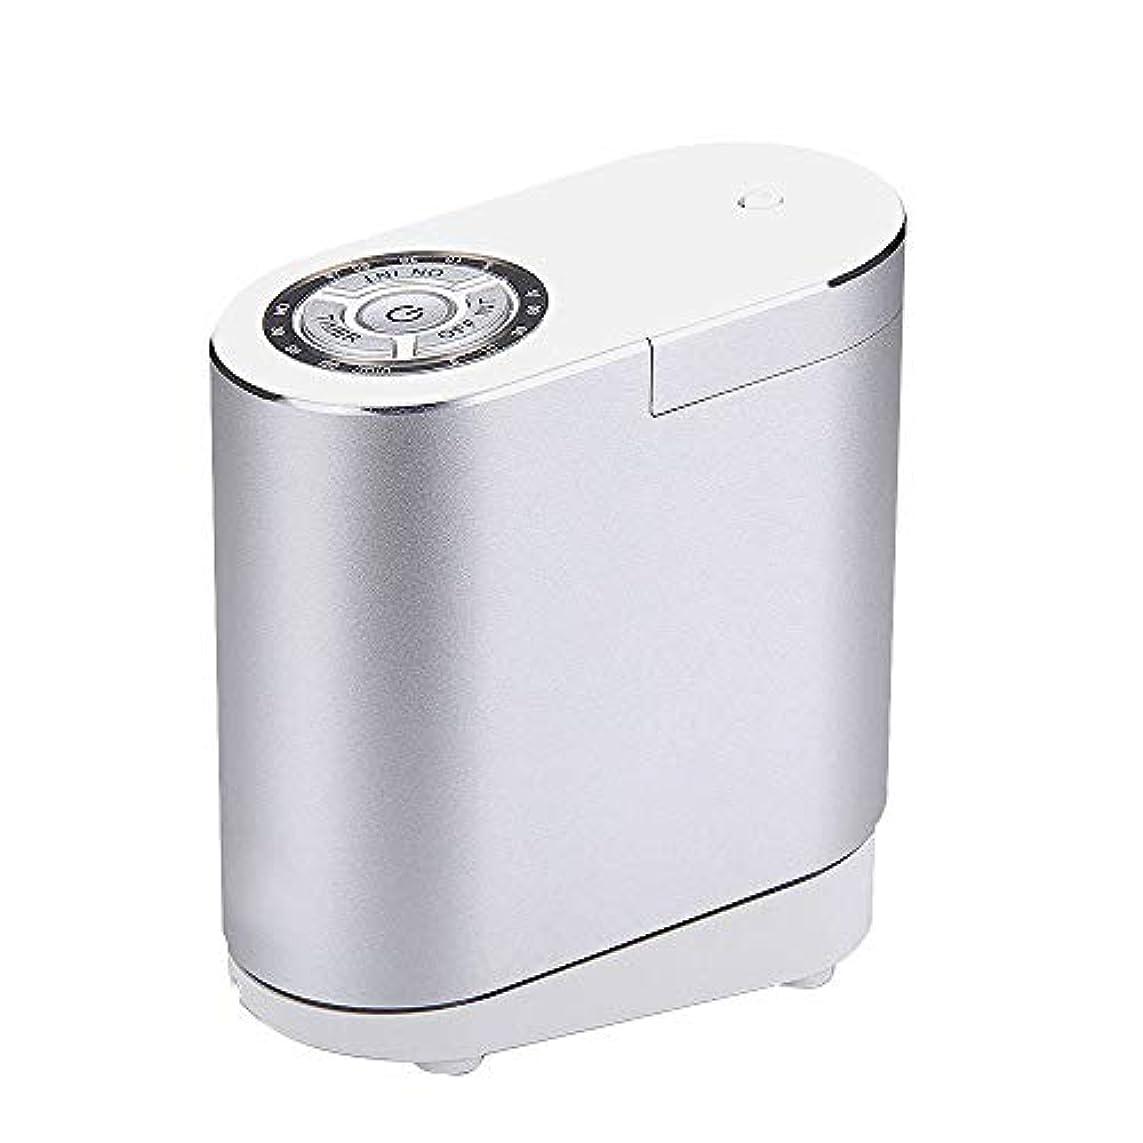 ペインギリックほぼ限り精油の拡散器、総本店の寝室部屋のための携帯用超音波拡散器の涼しい霧の加湿器,silver30ML